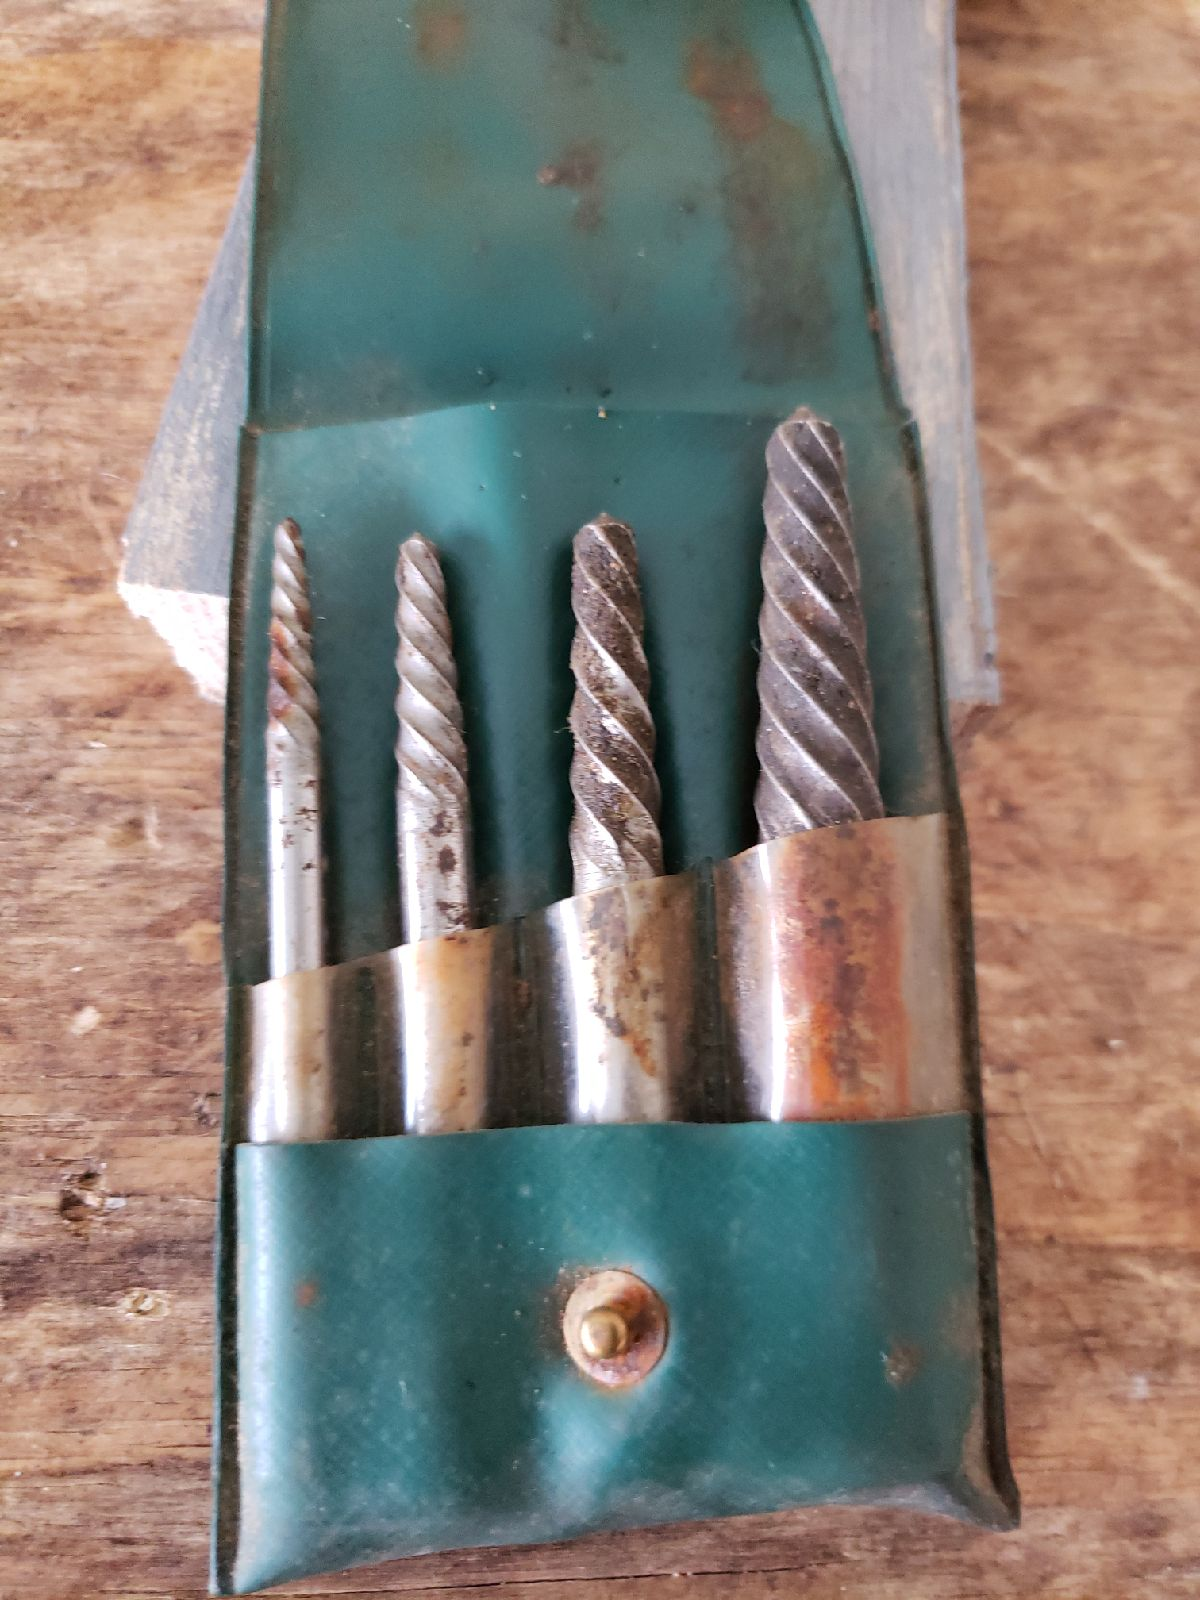 Cal-Van screw extractors set no 438